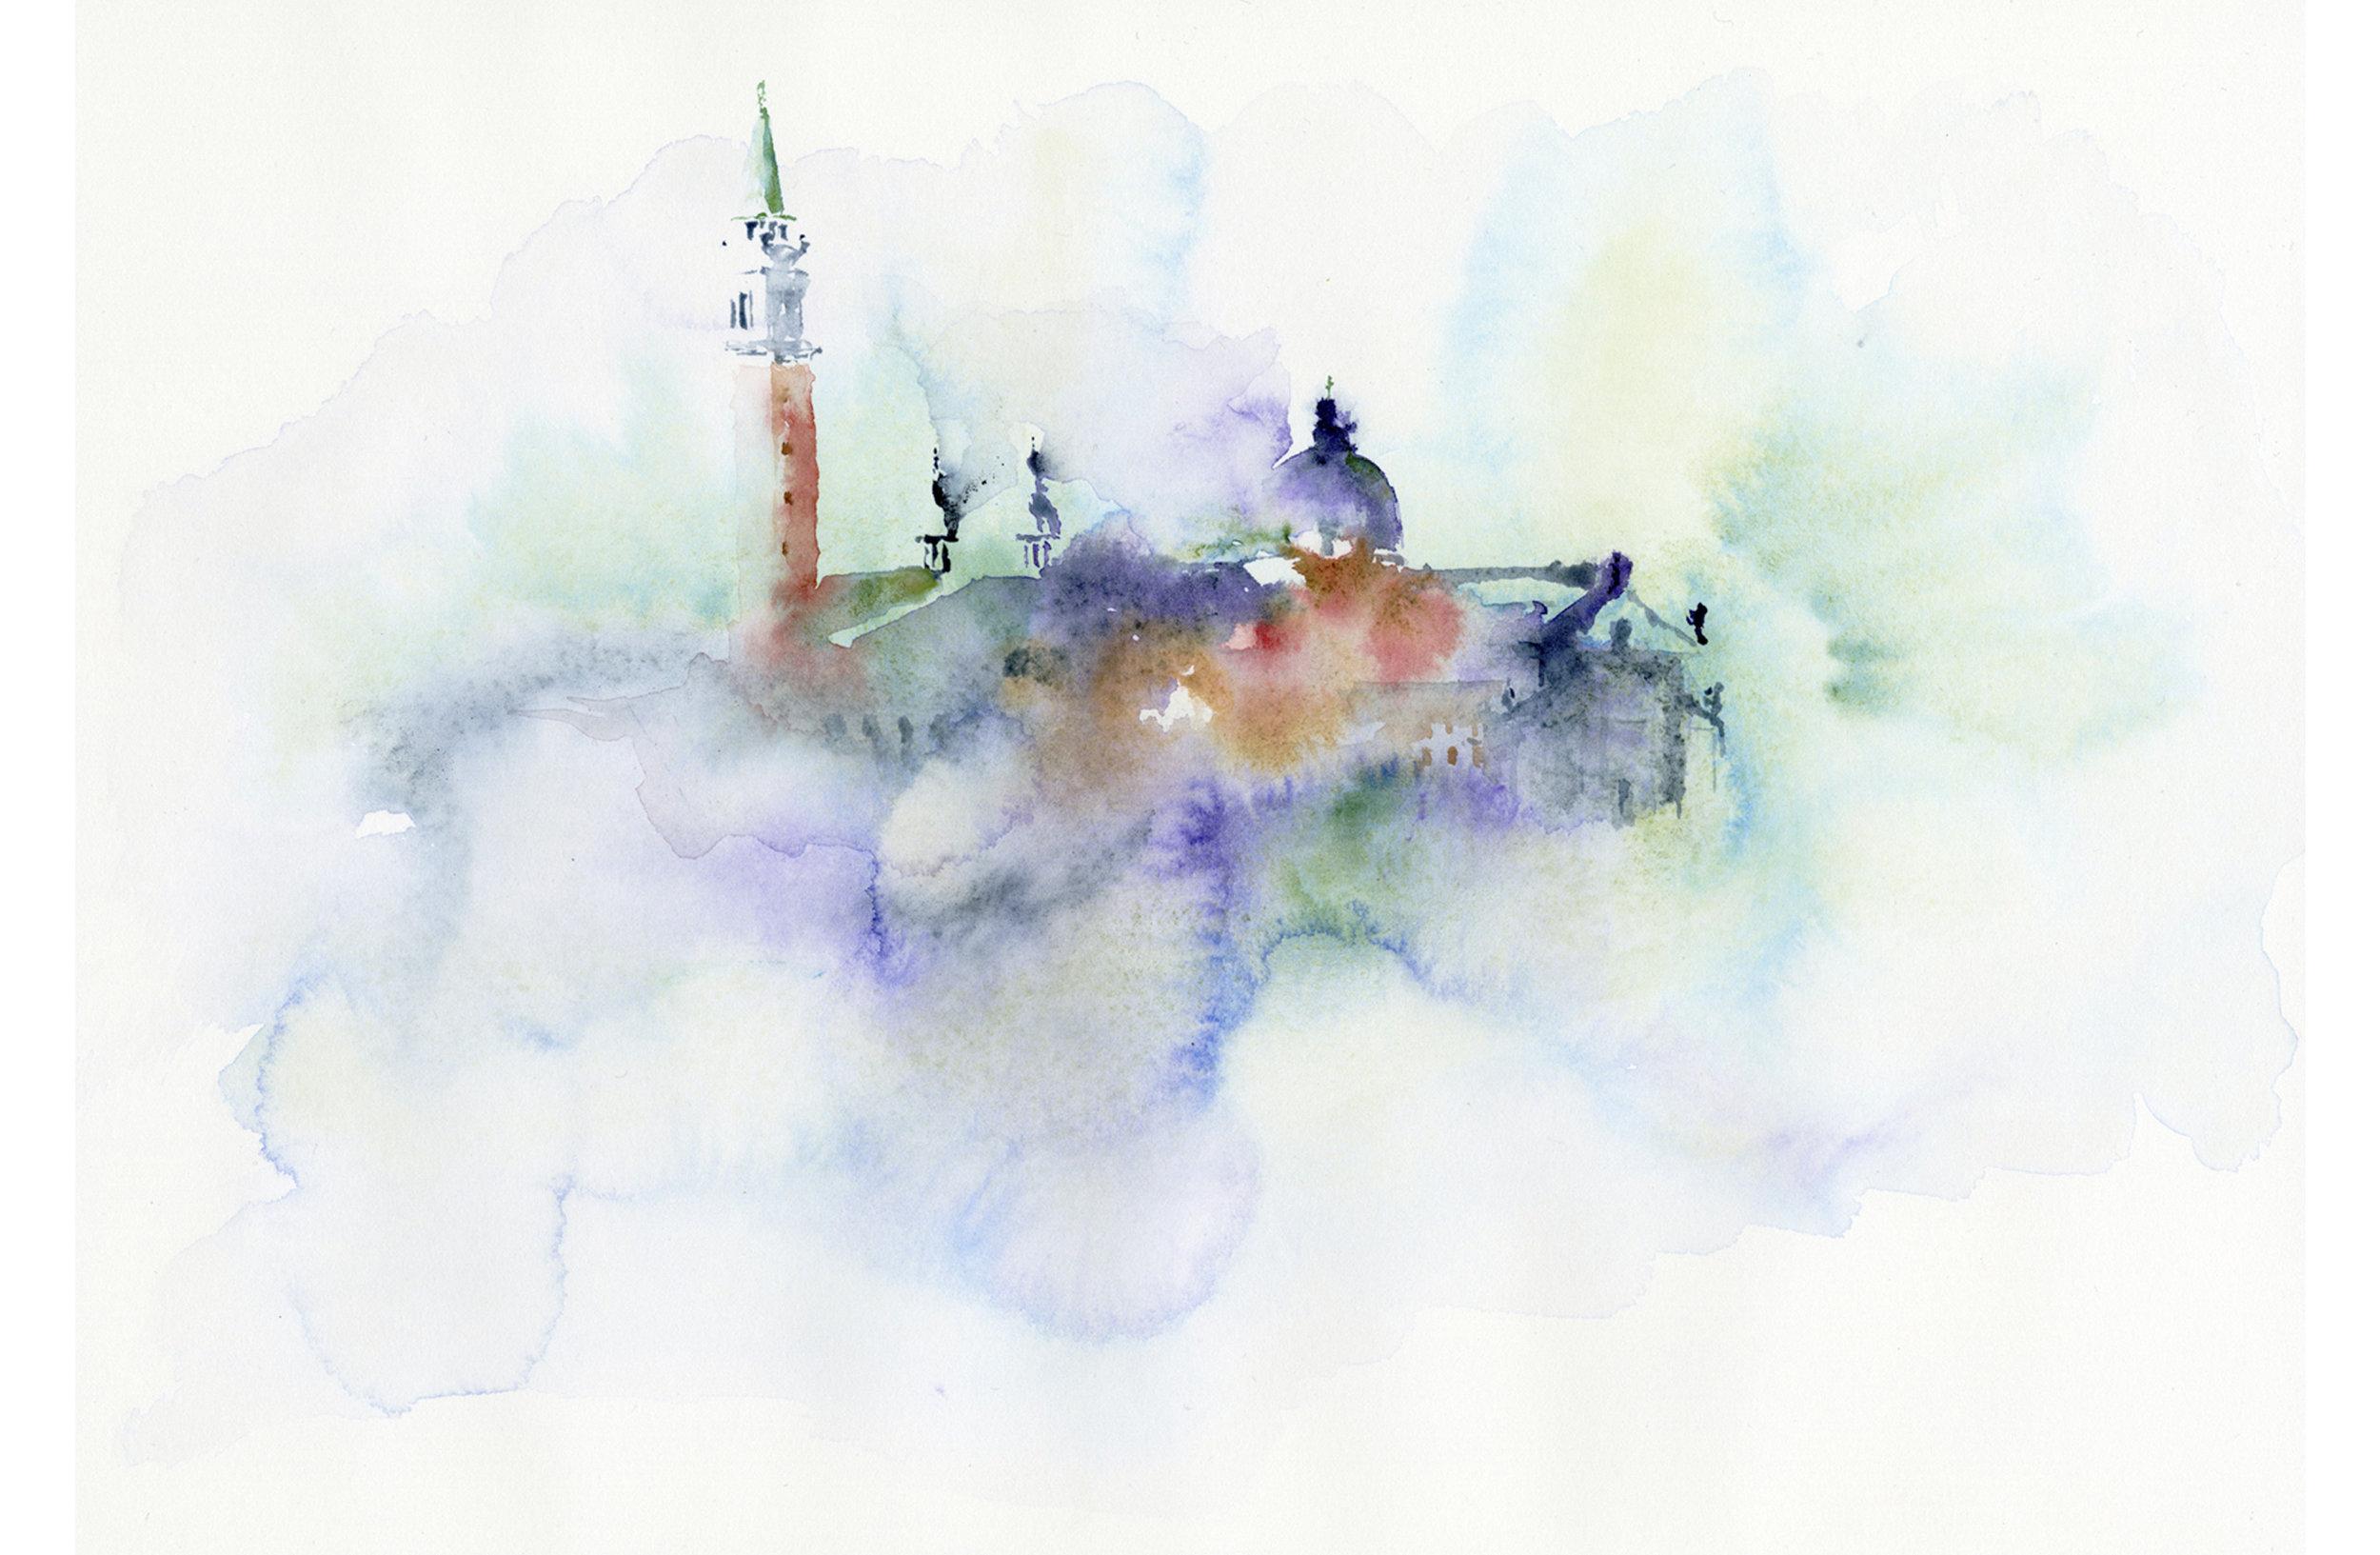 Venice_Watercolours_bySophiaKhan.jpg